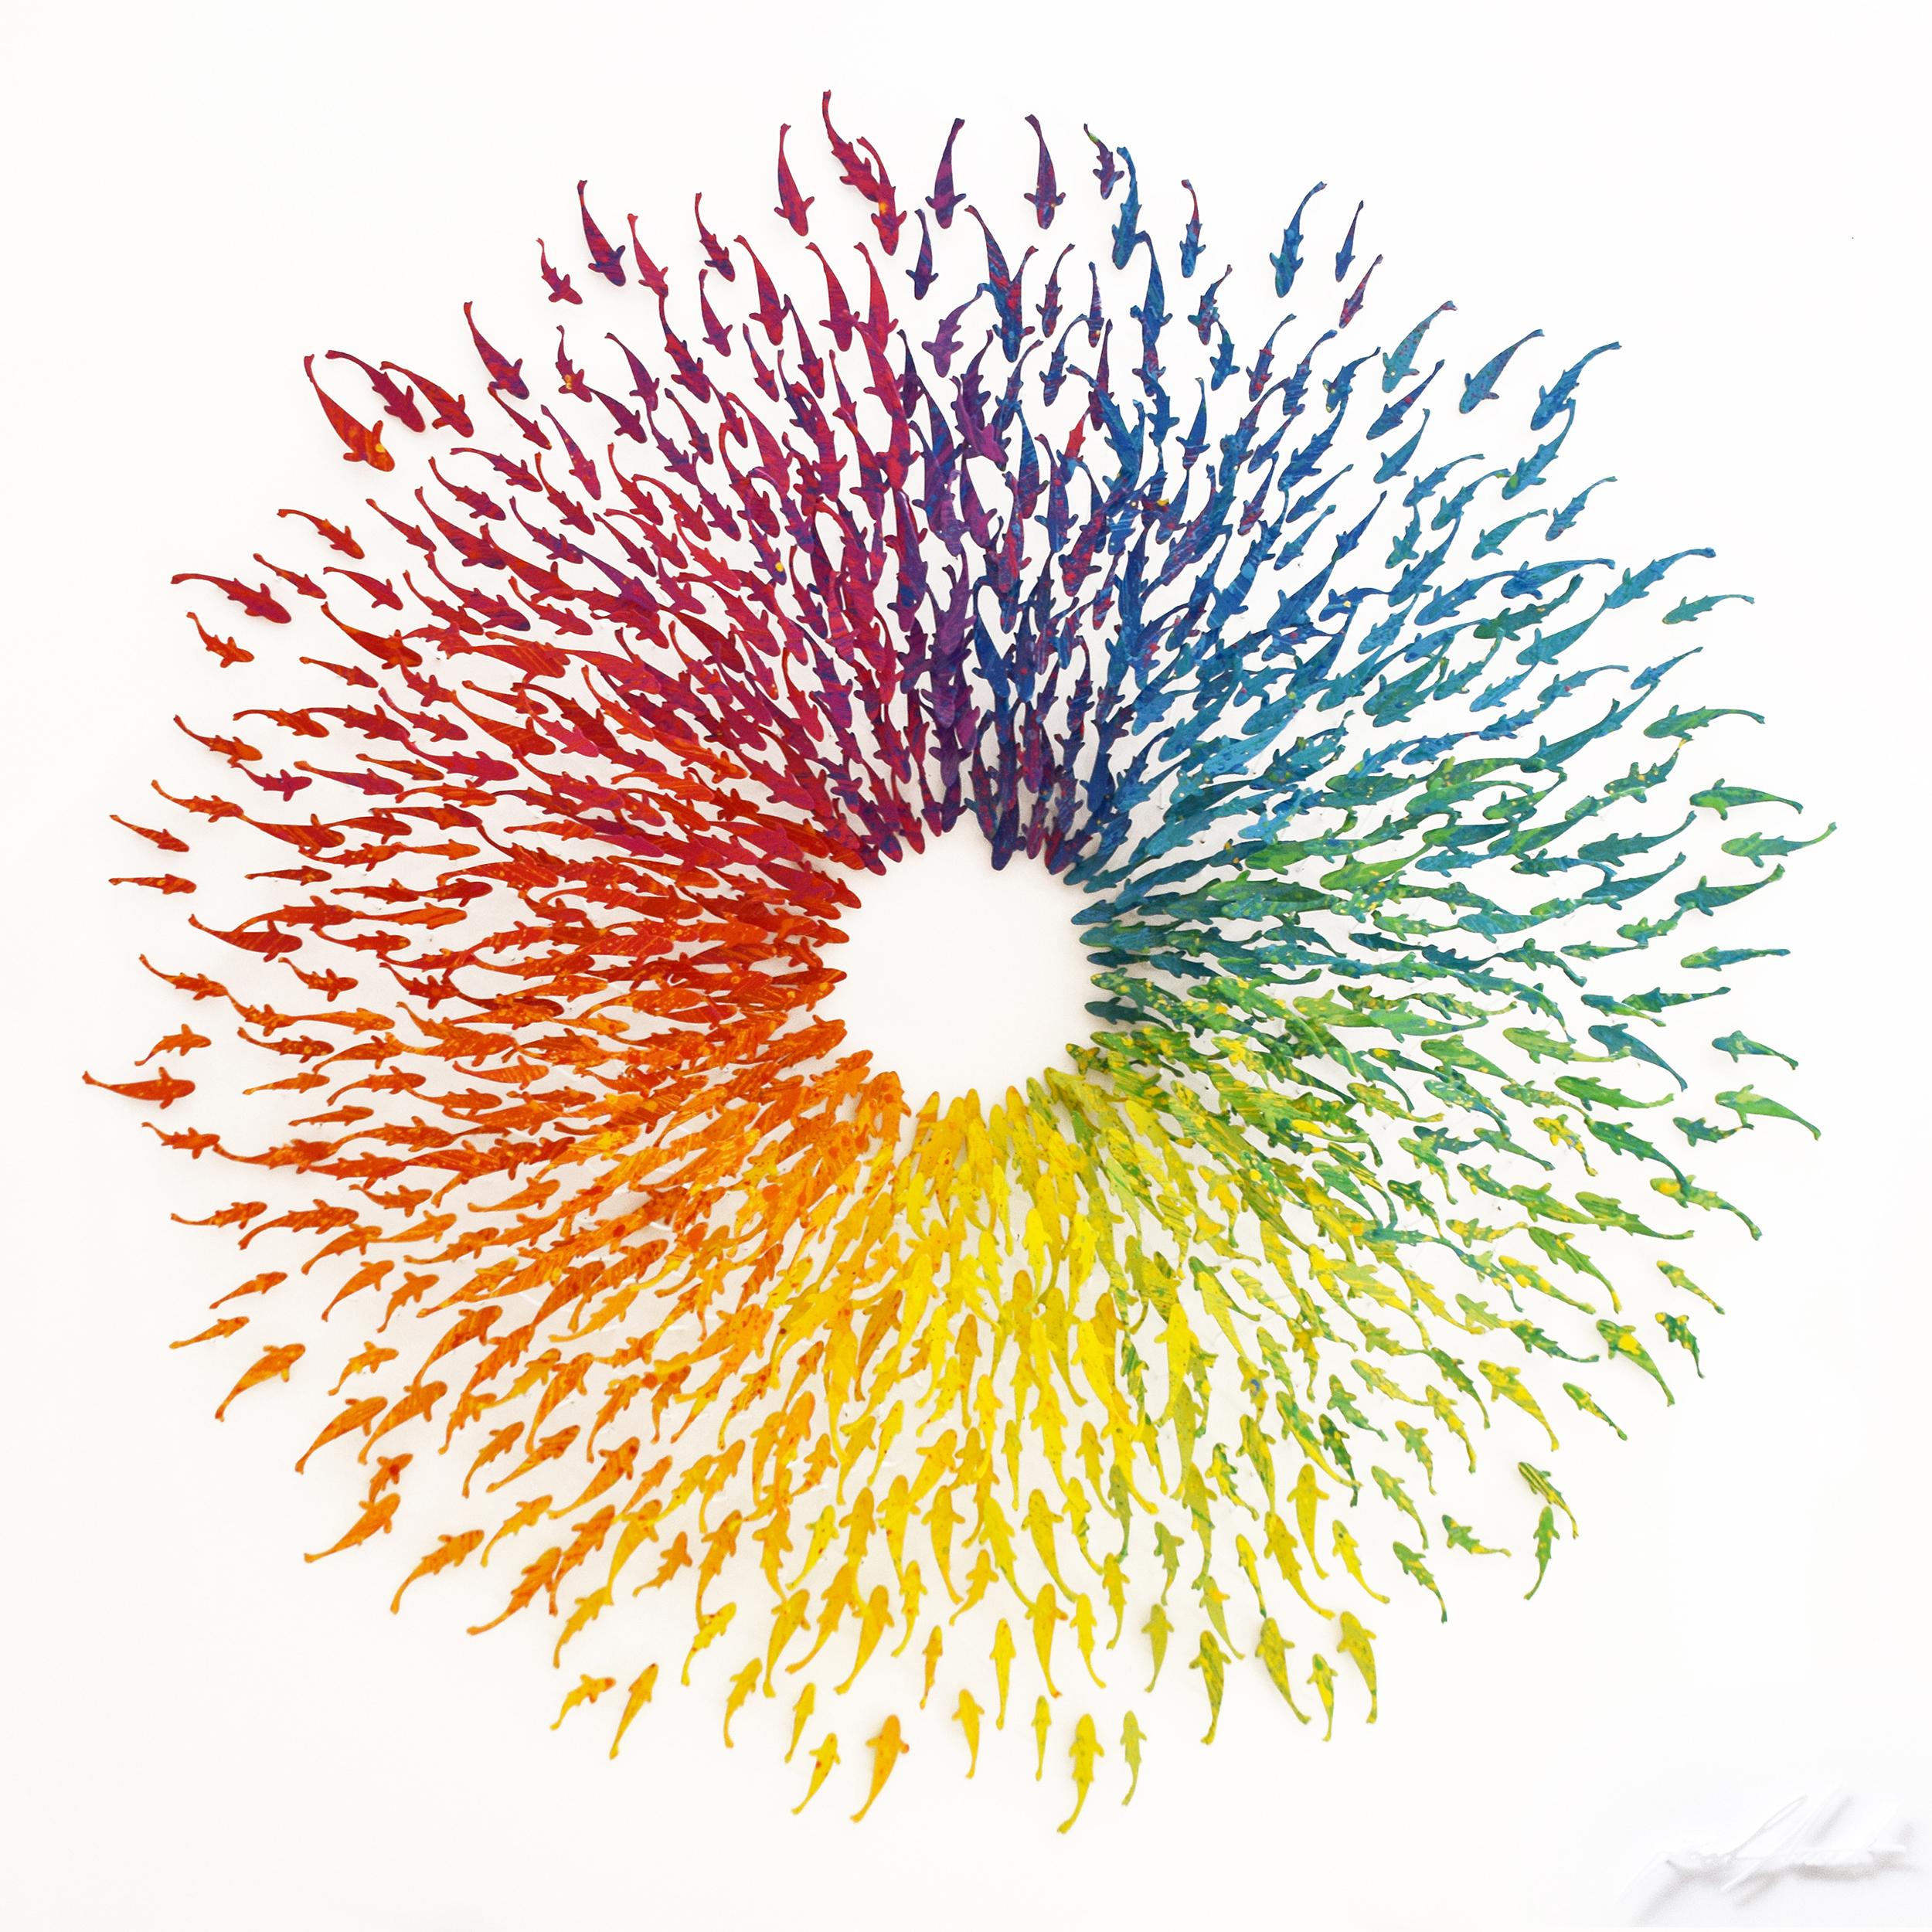 Joel Amit - Here comes the Sun (Rainbow Fish) , 6665-012-118